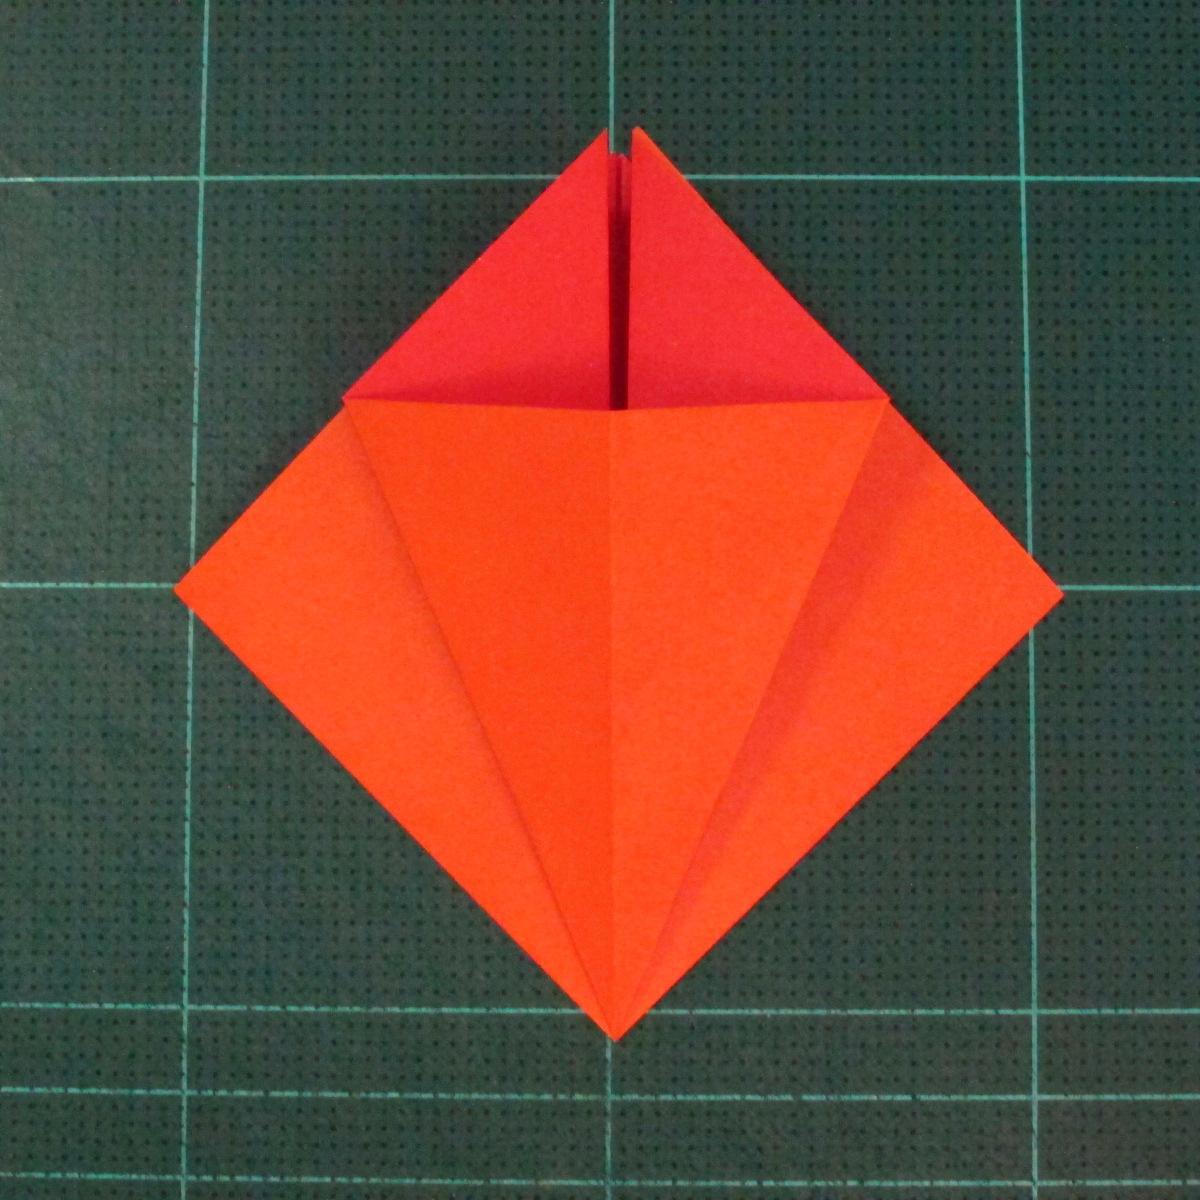 วิธีพับกระดาษเป็นช่อดอกไม้ติดอกเสื้อ (Origami Wedding Chest Flower) 009